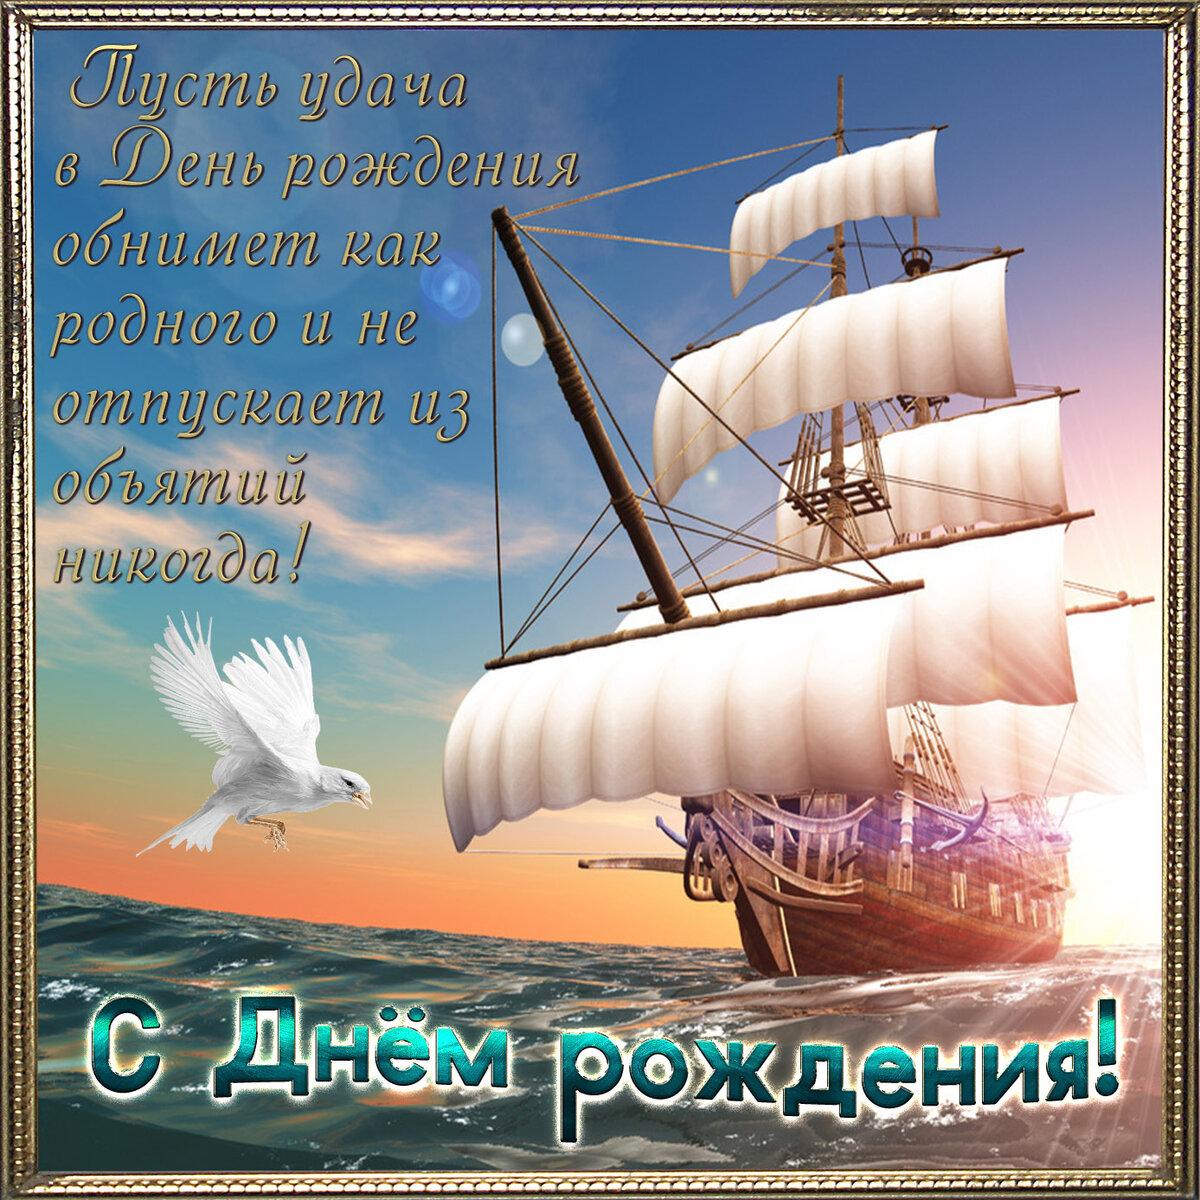 поздравление начальнику про корабль метки